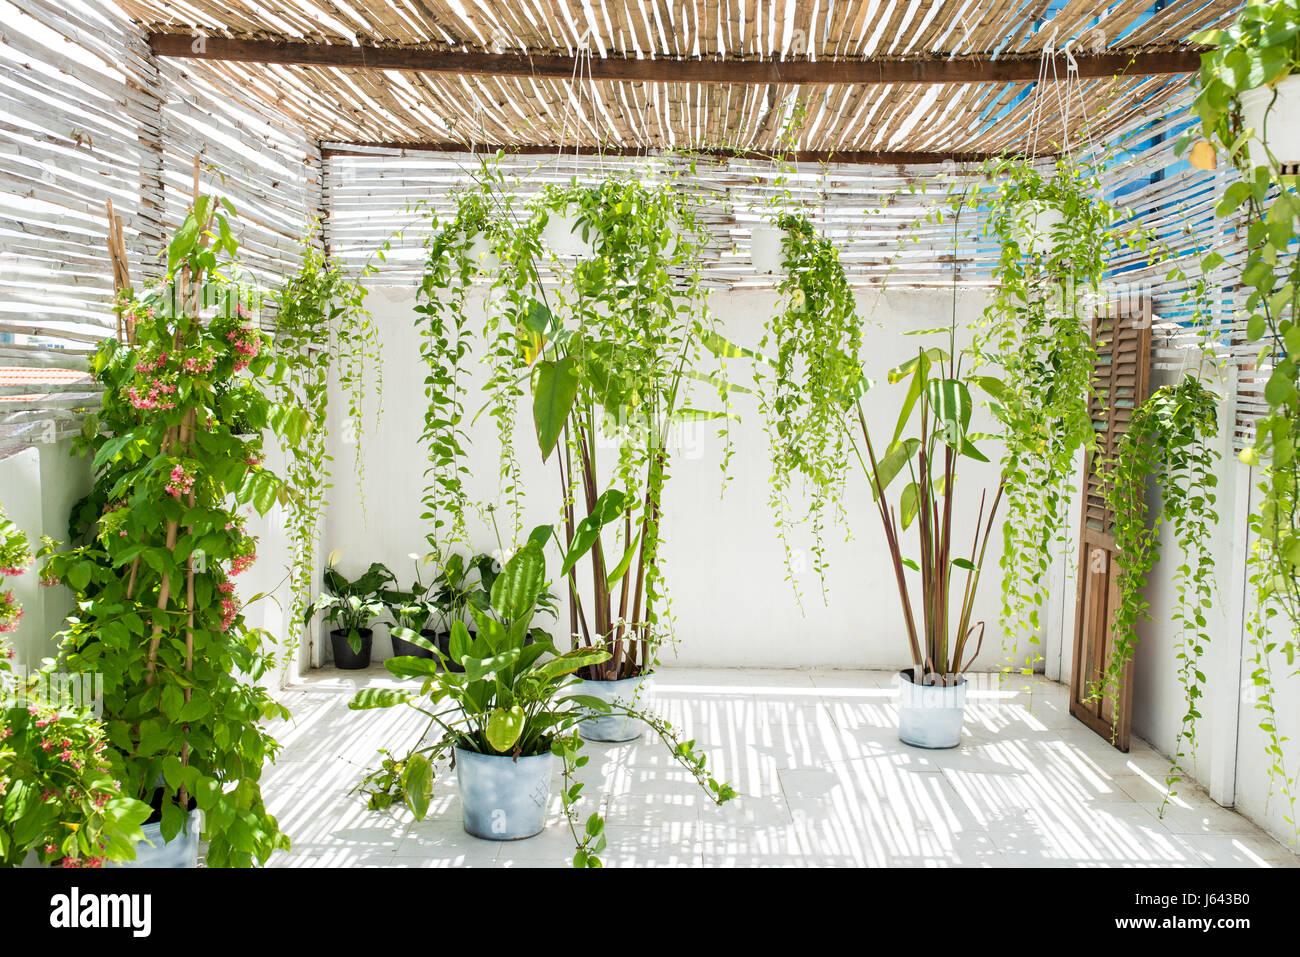 En La Terraza Del Jardín Con Plantas Verdes En Casa Foto